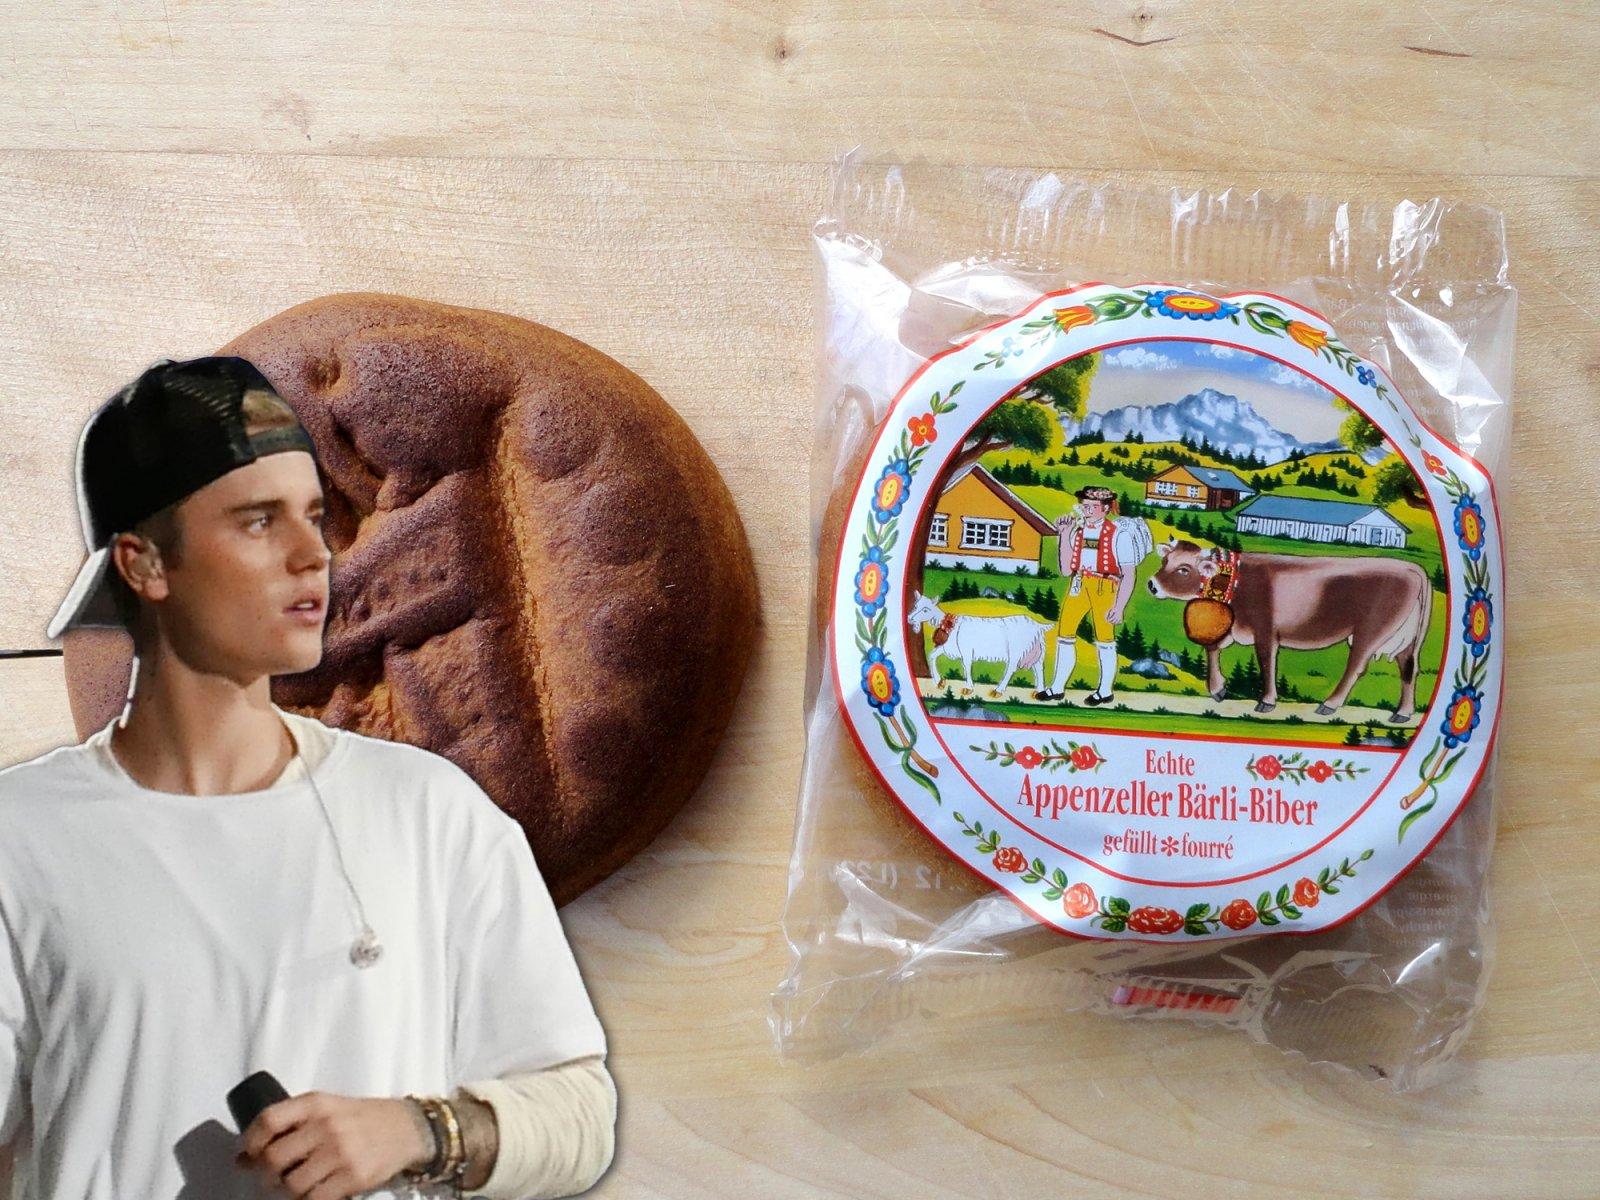 Justin Biber meets Appenzeller Biberli